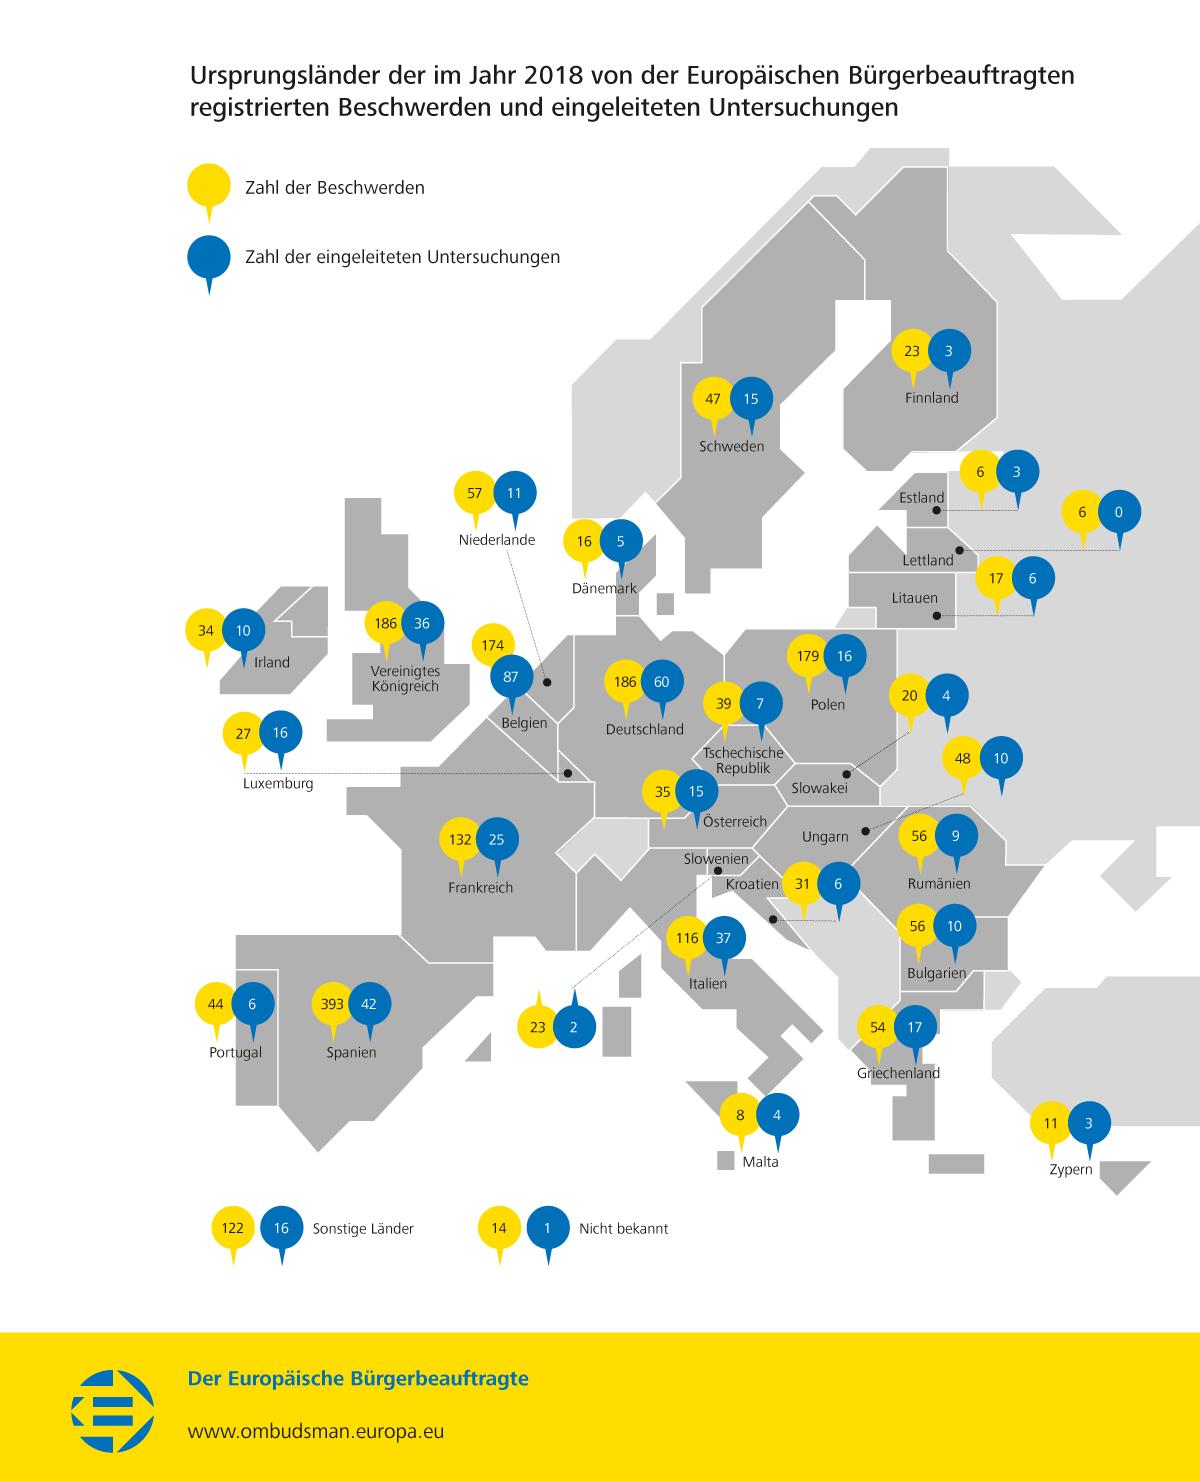 Ursprungsländer der im Jahr 2018 von der Europäischen Bürgerbeauftragten registrierten Beschwerden und eingeleiteten Untersuchungen